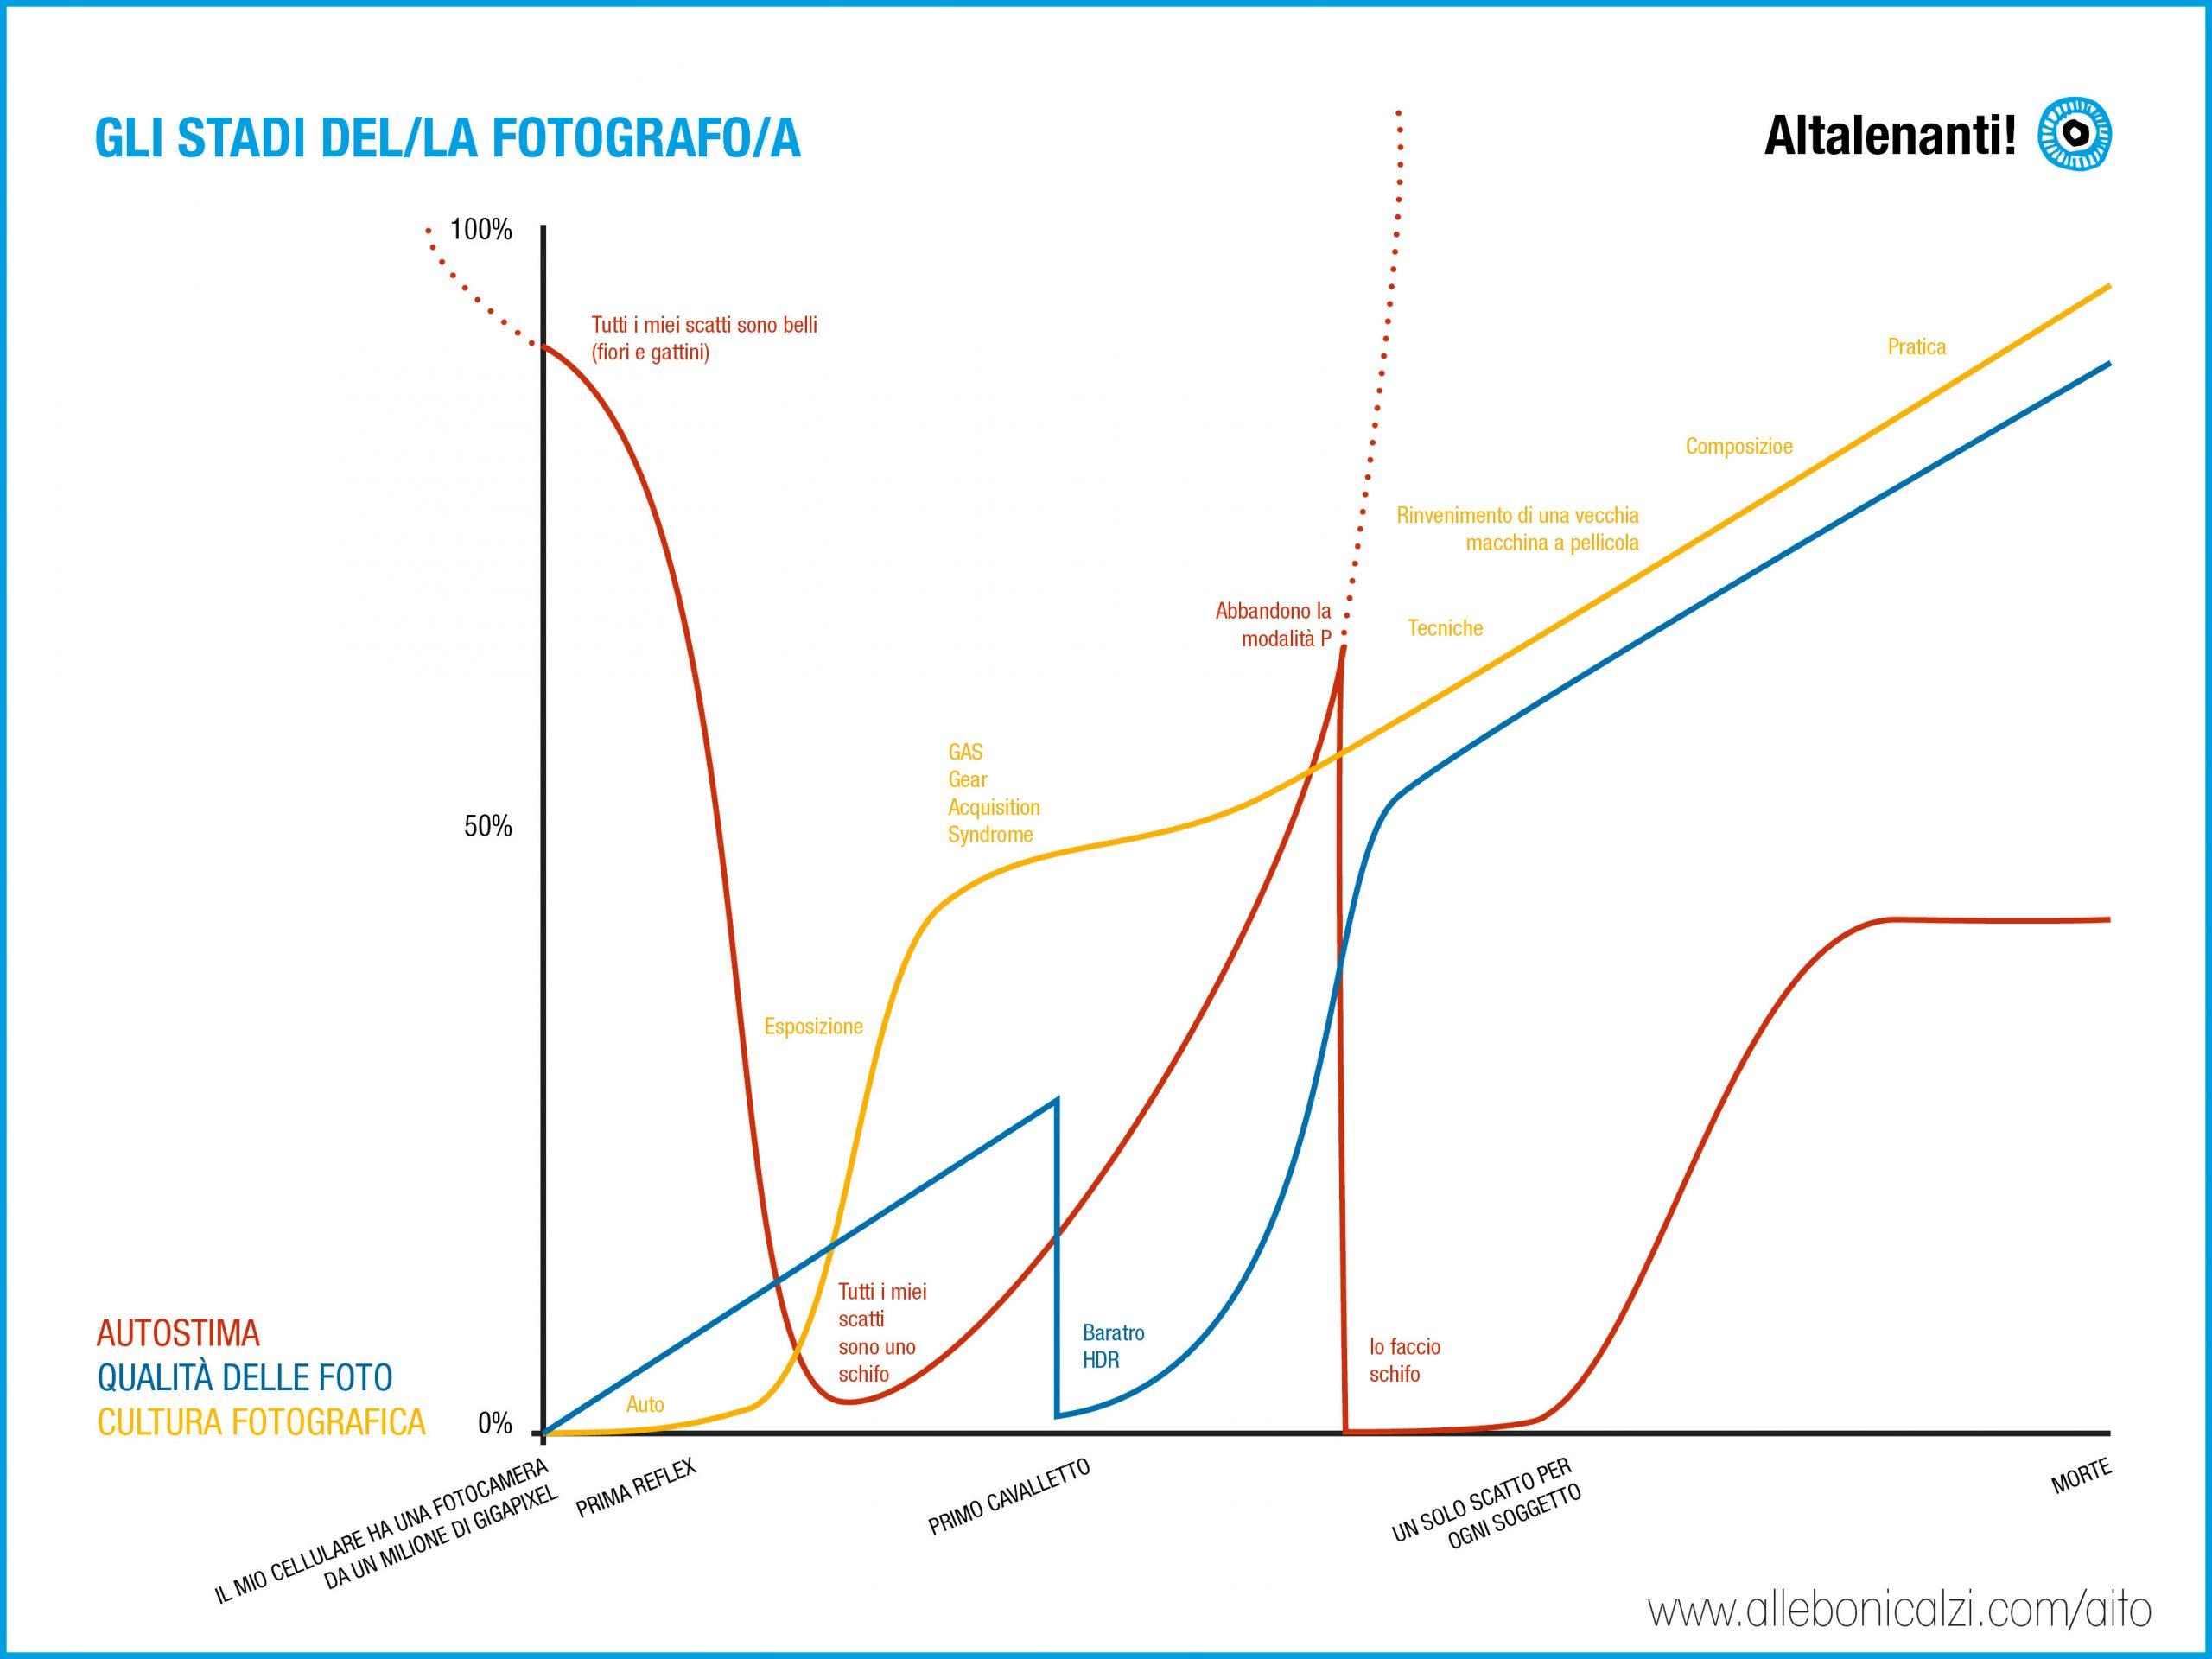 Stay focused, stay bright. Alle Bonicalzi, corso di fotografia #AITO Attraverso i tuoi occhi